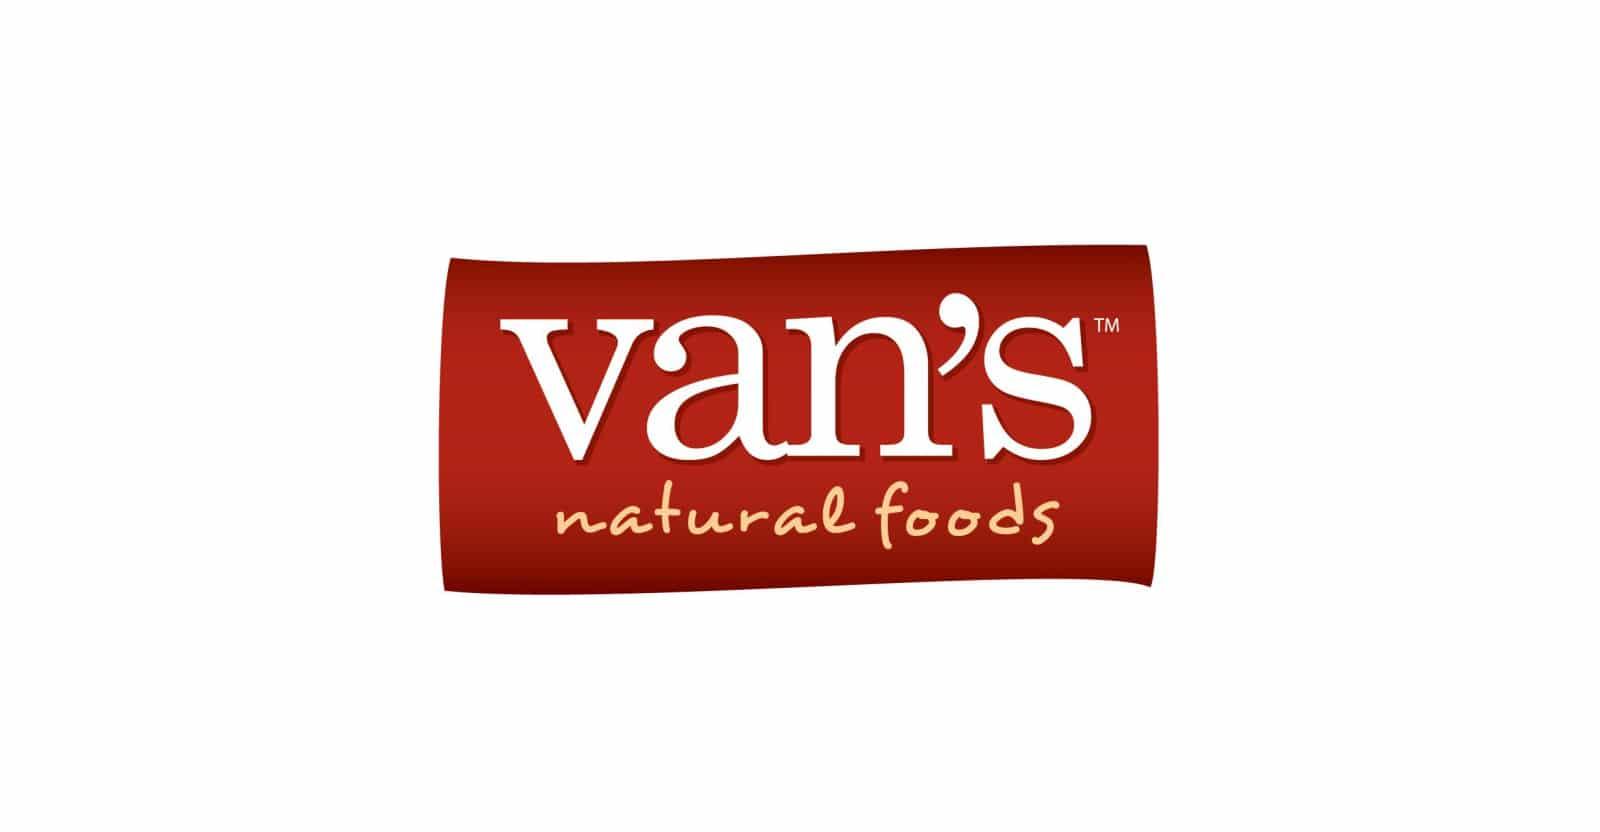 Van's Foods Brand